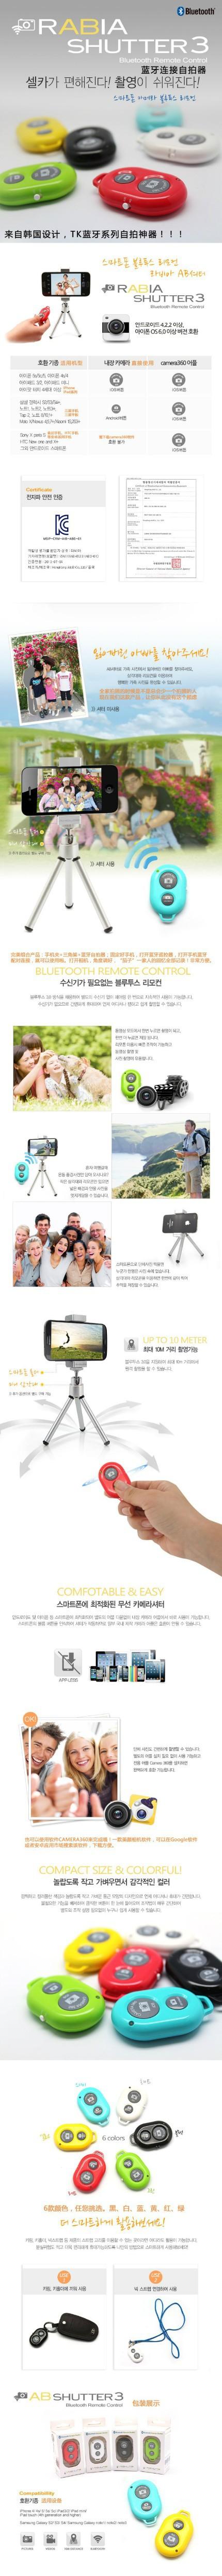 Дистанционный спуск затвора для фотокамеры Oem Bluetooth Samsung S3 S4 iphone Android IOS bluetooth remote control